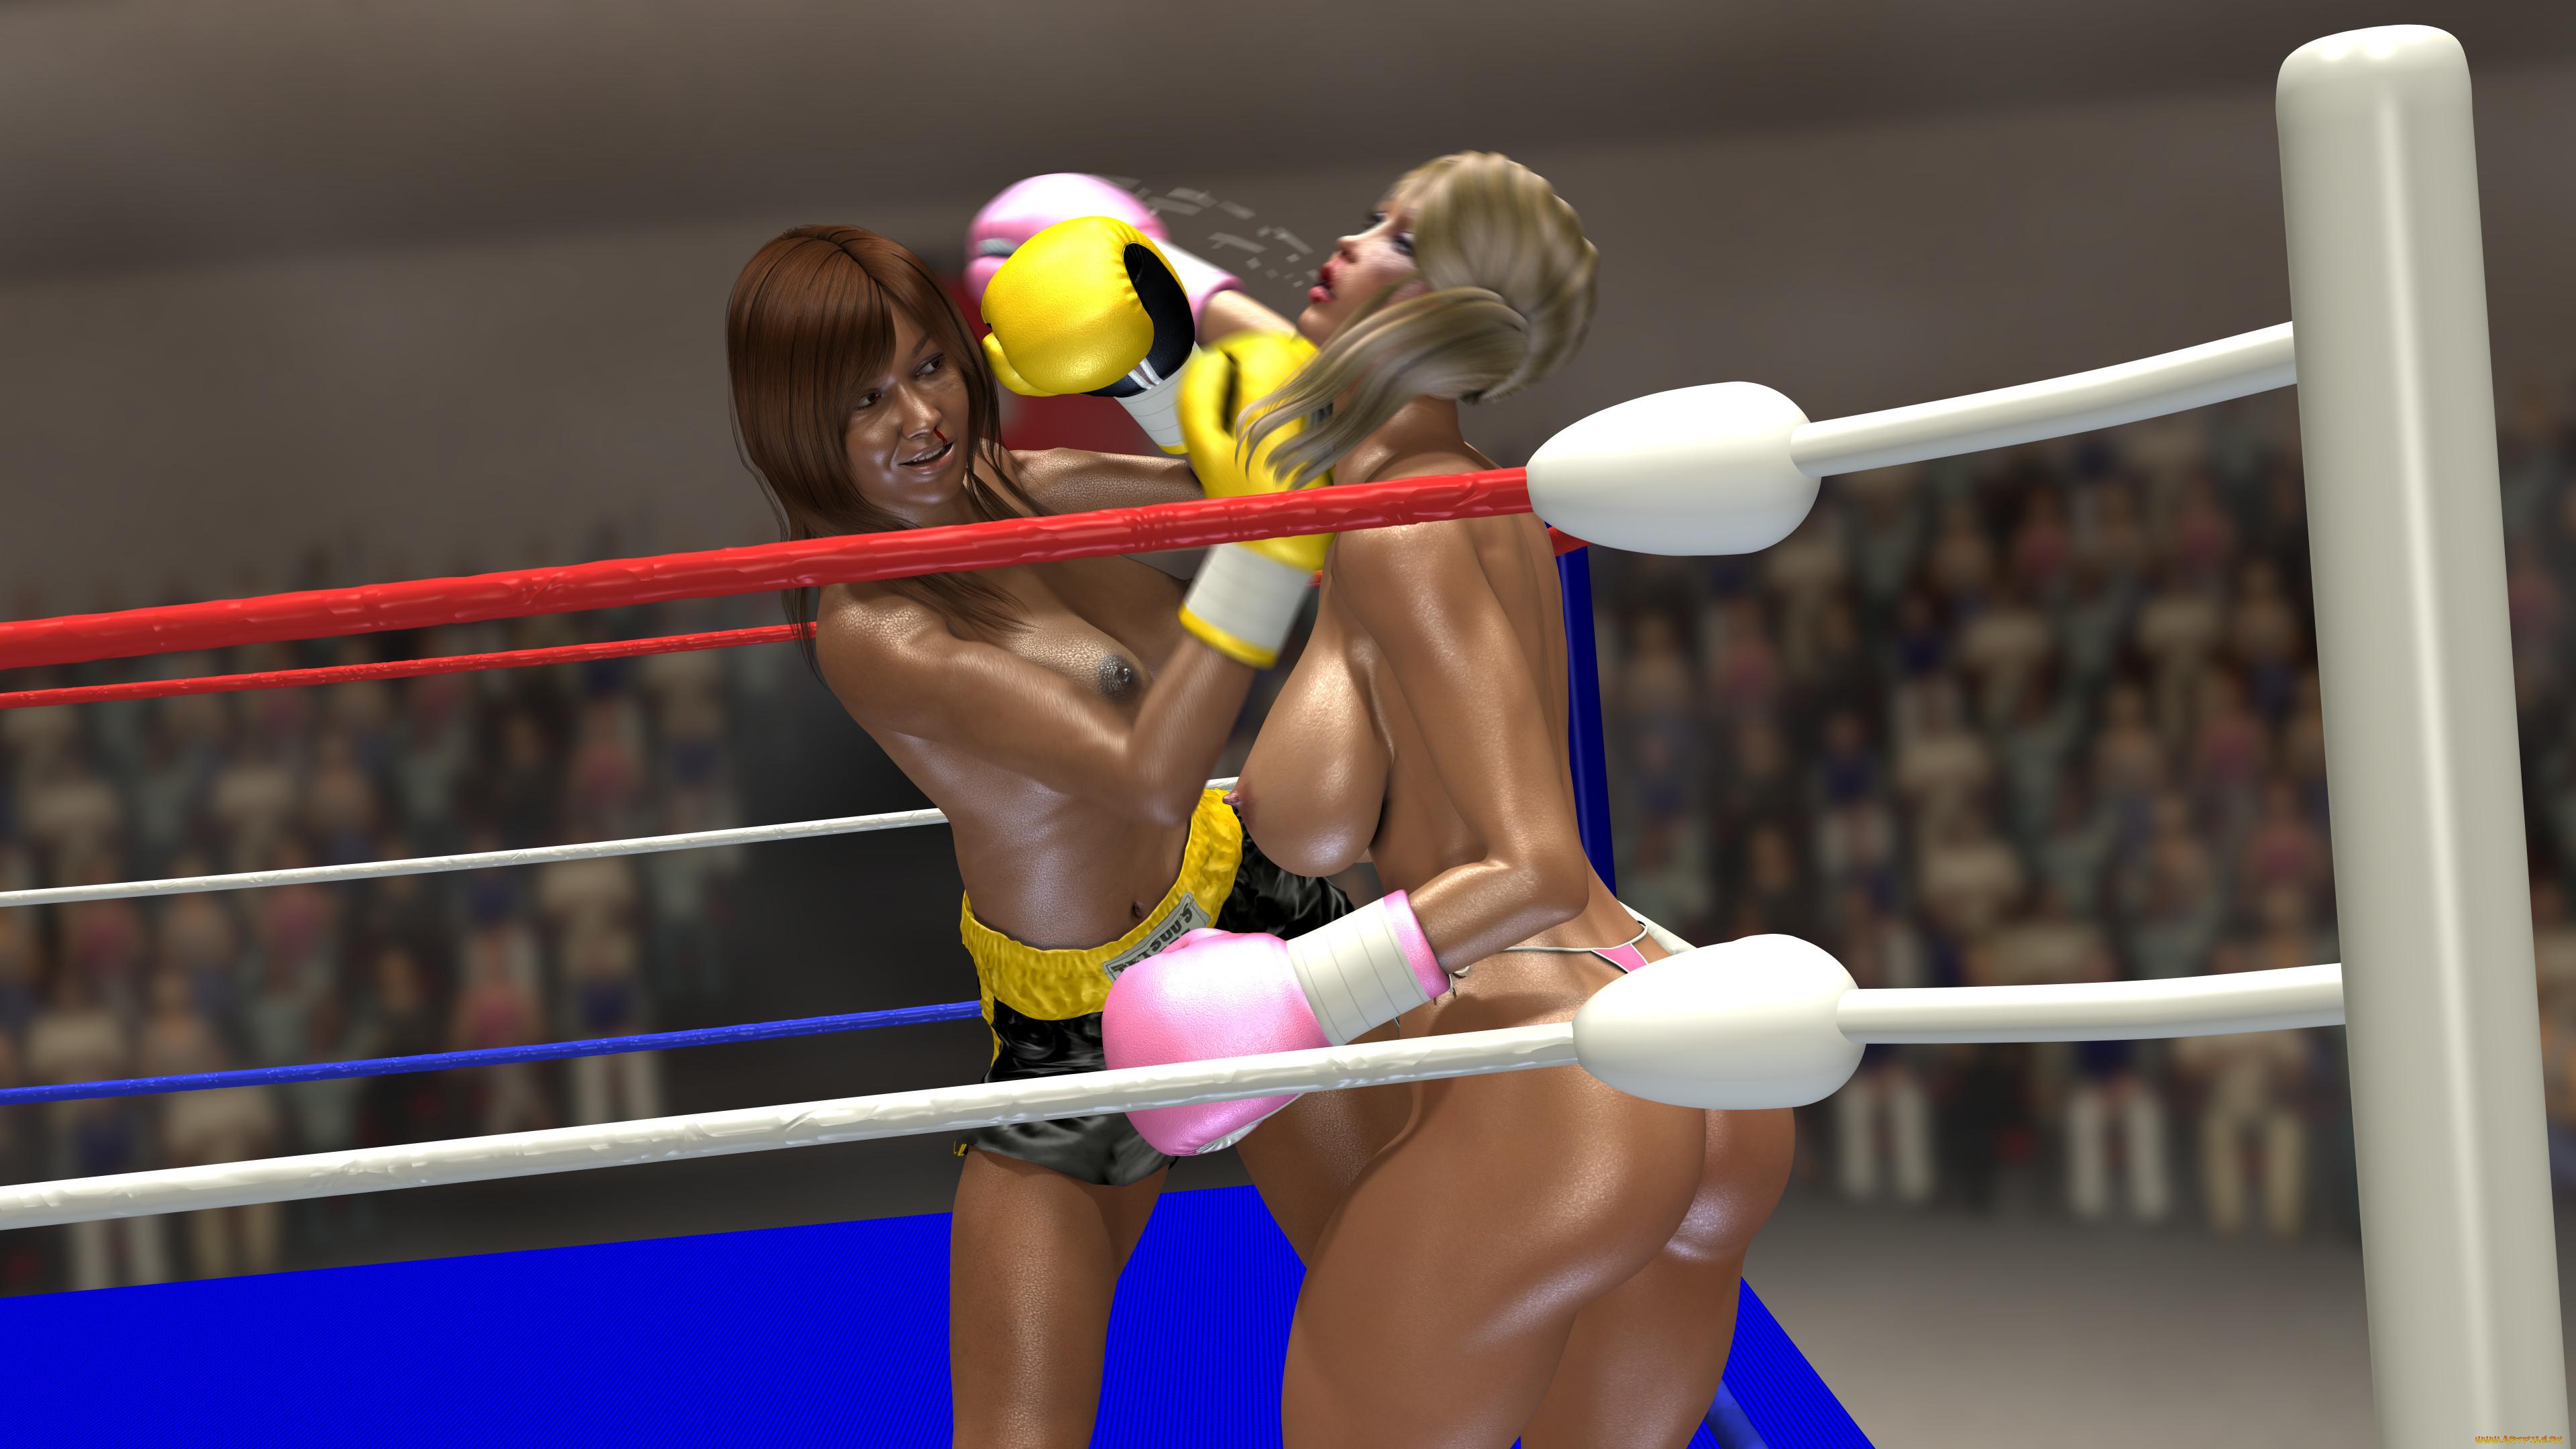 Эротичные Обои Девушек На Ринге